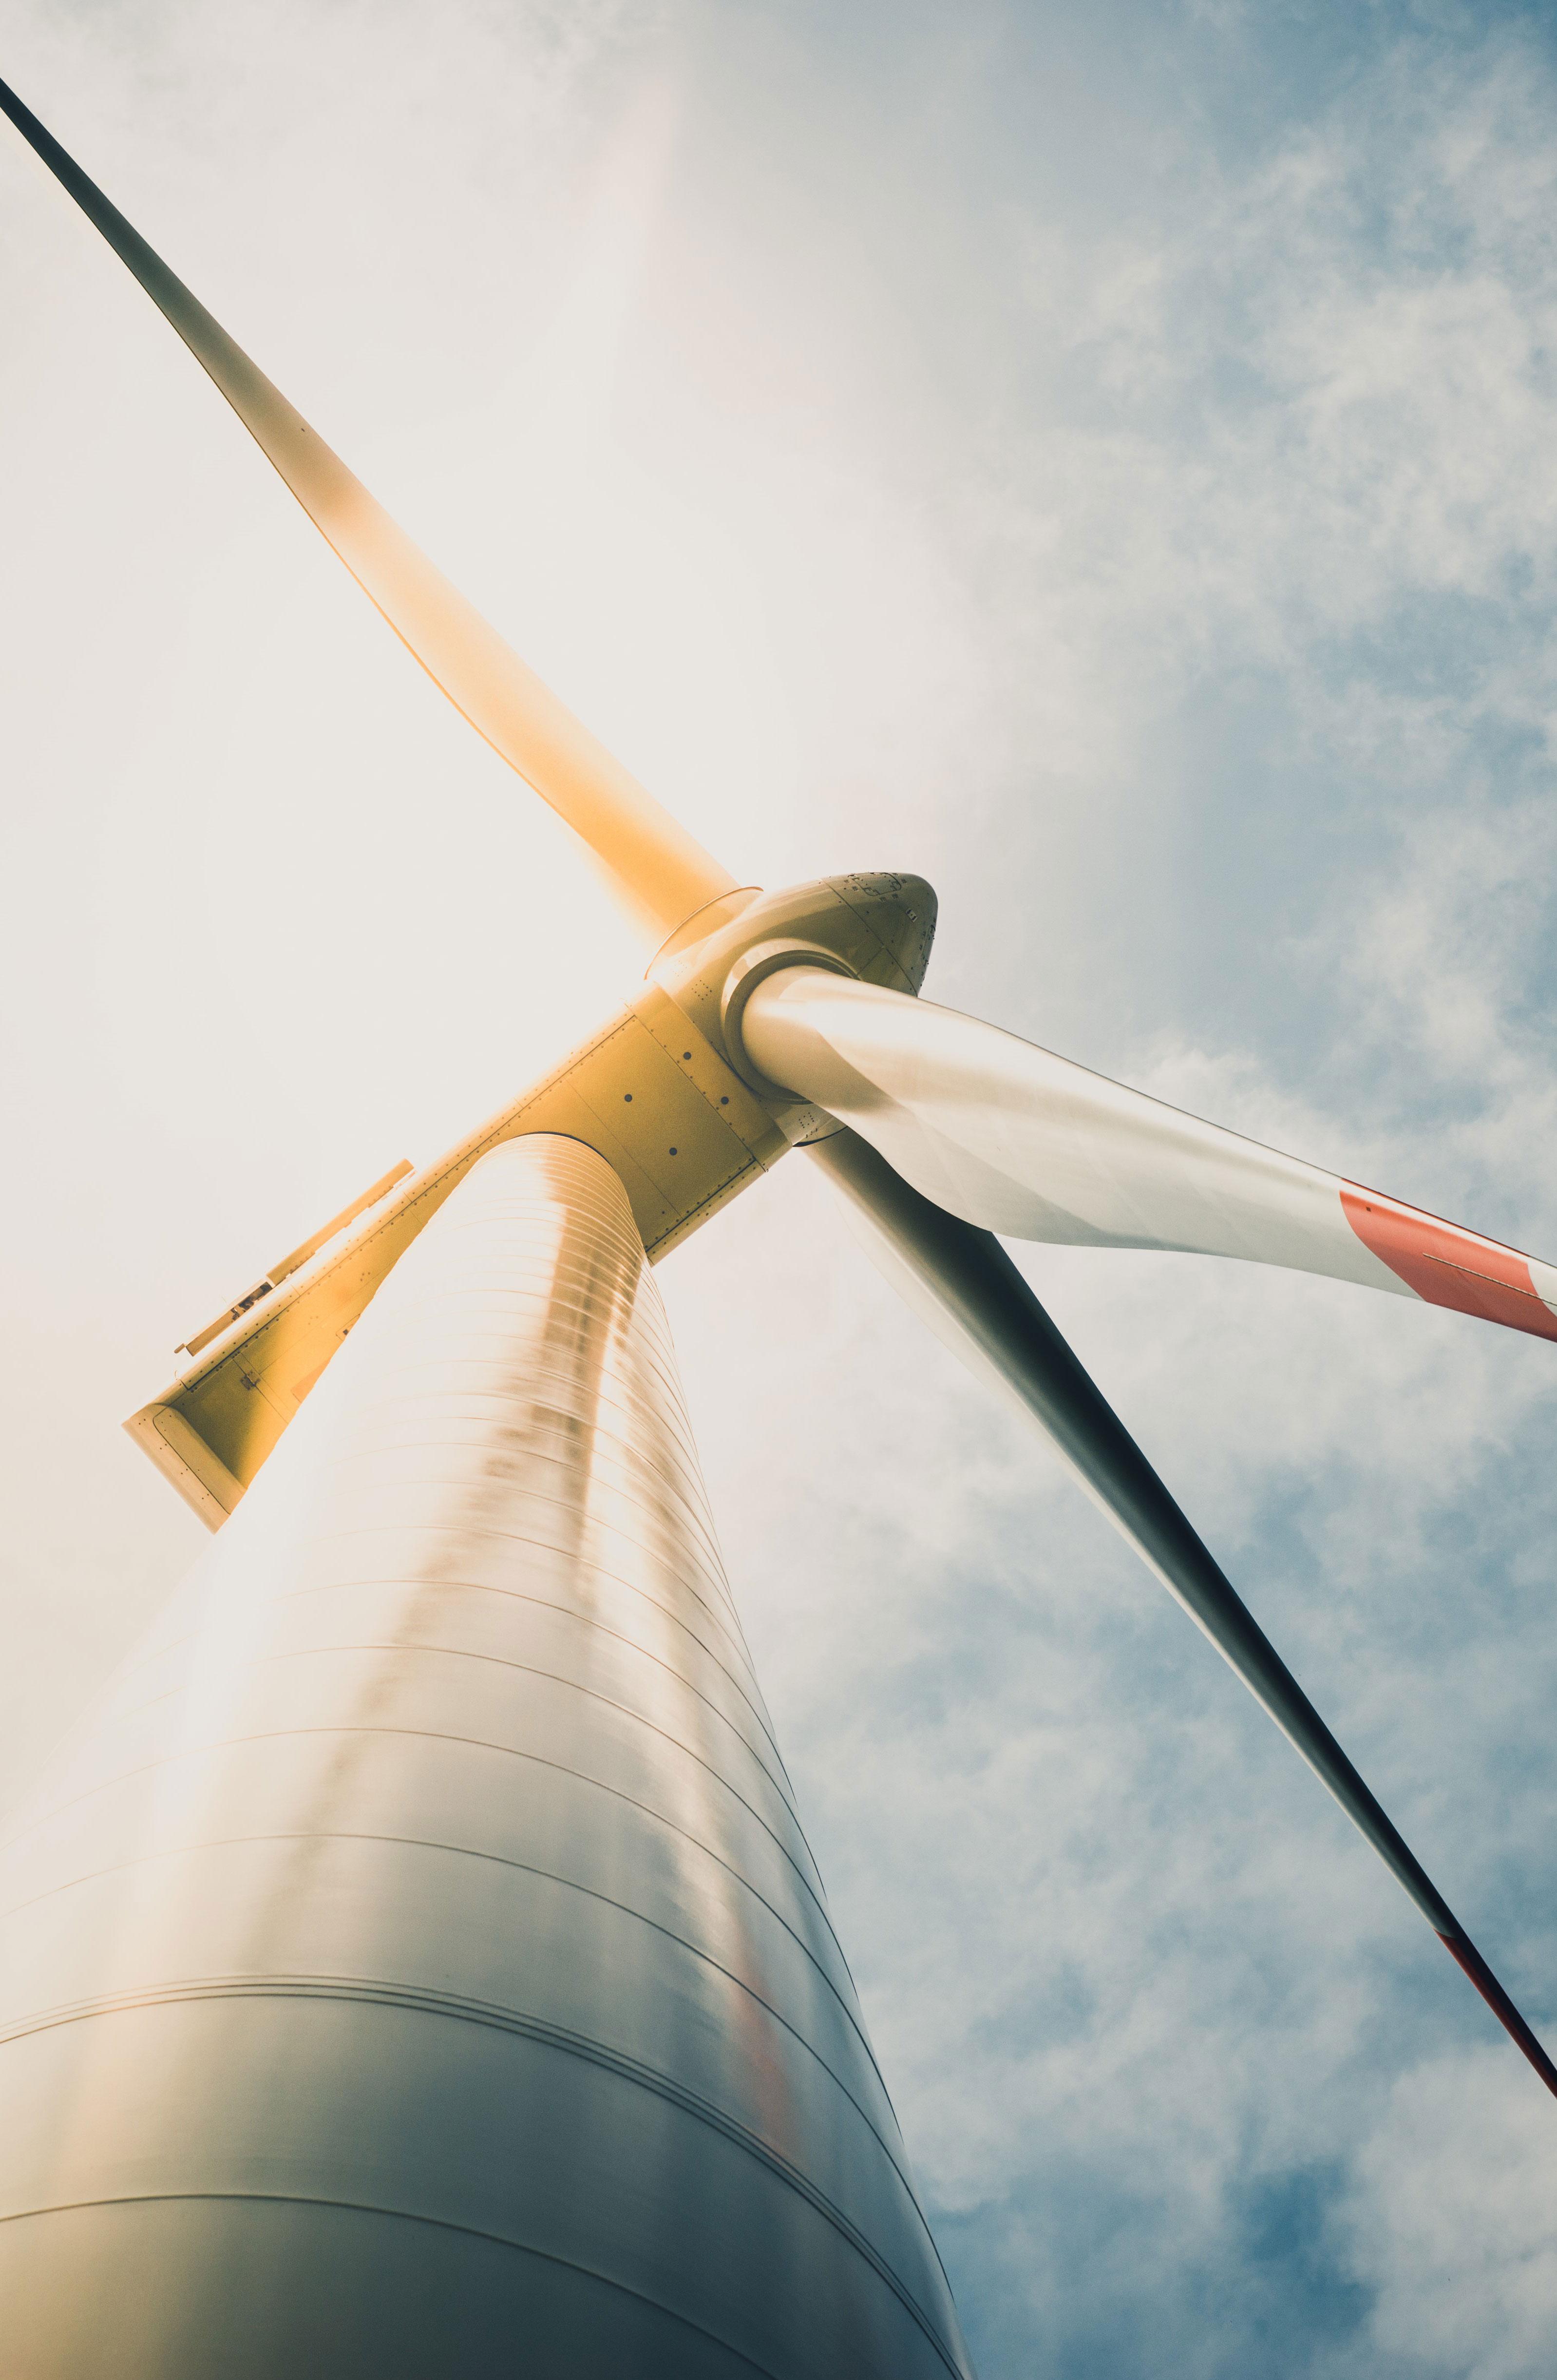 Windkraftanlage von unten (Froschperspektive)